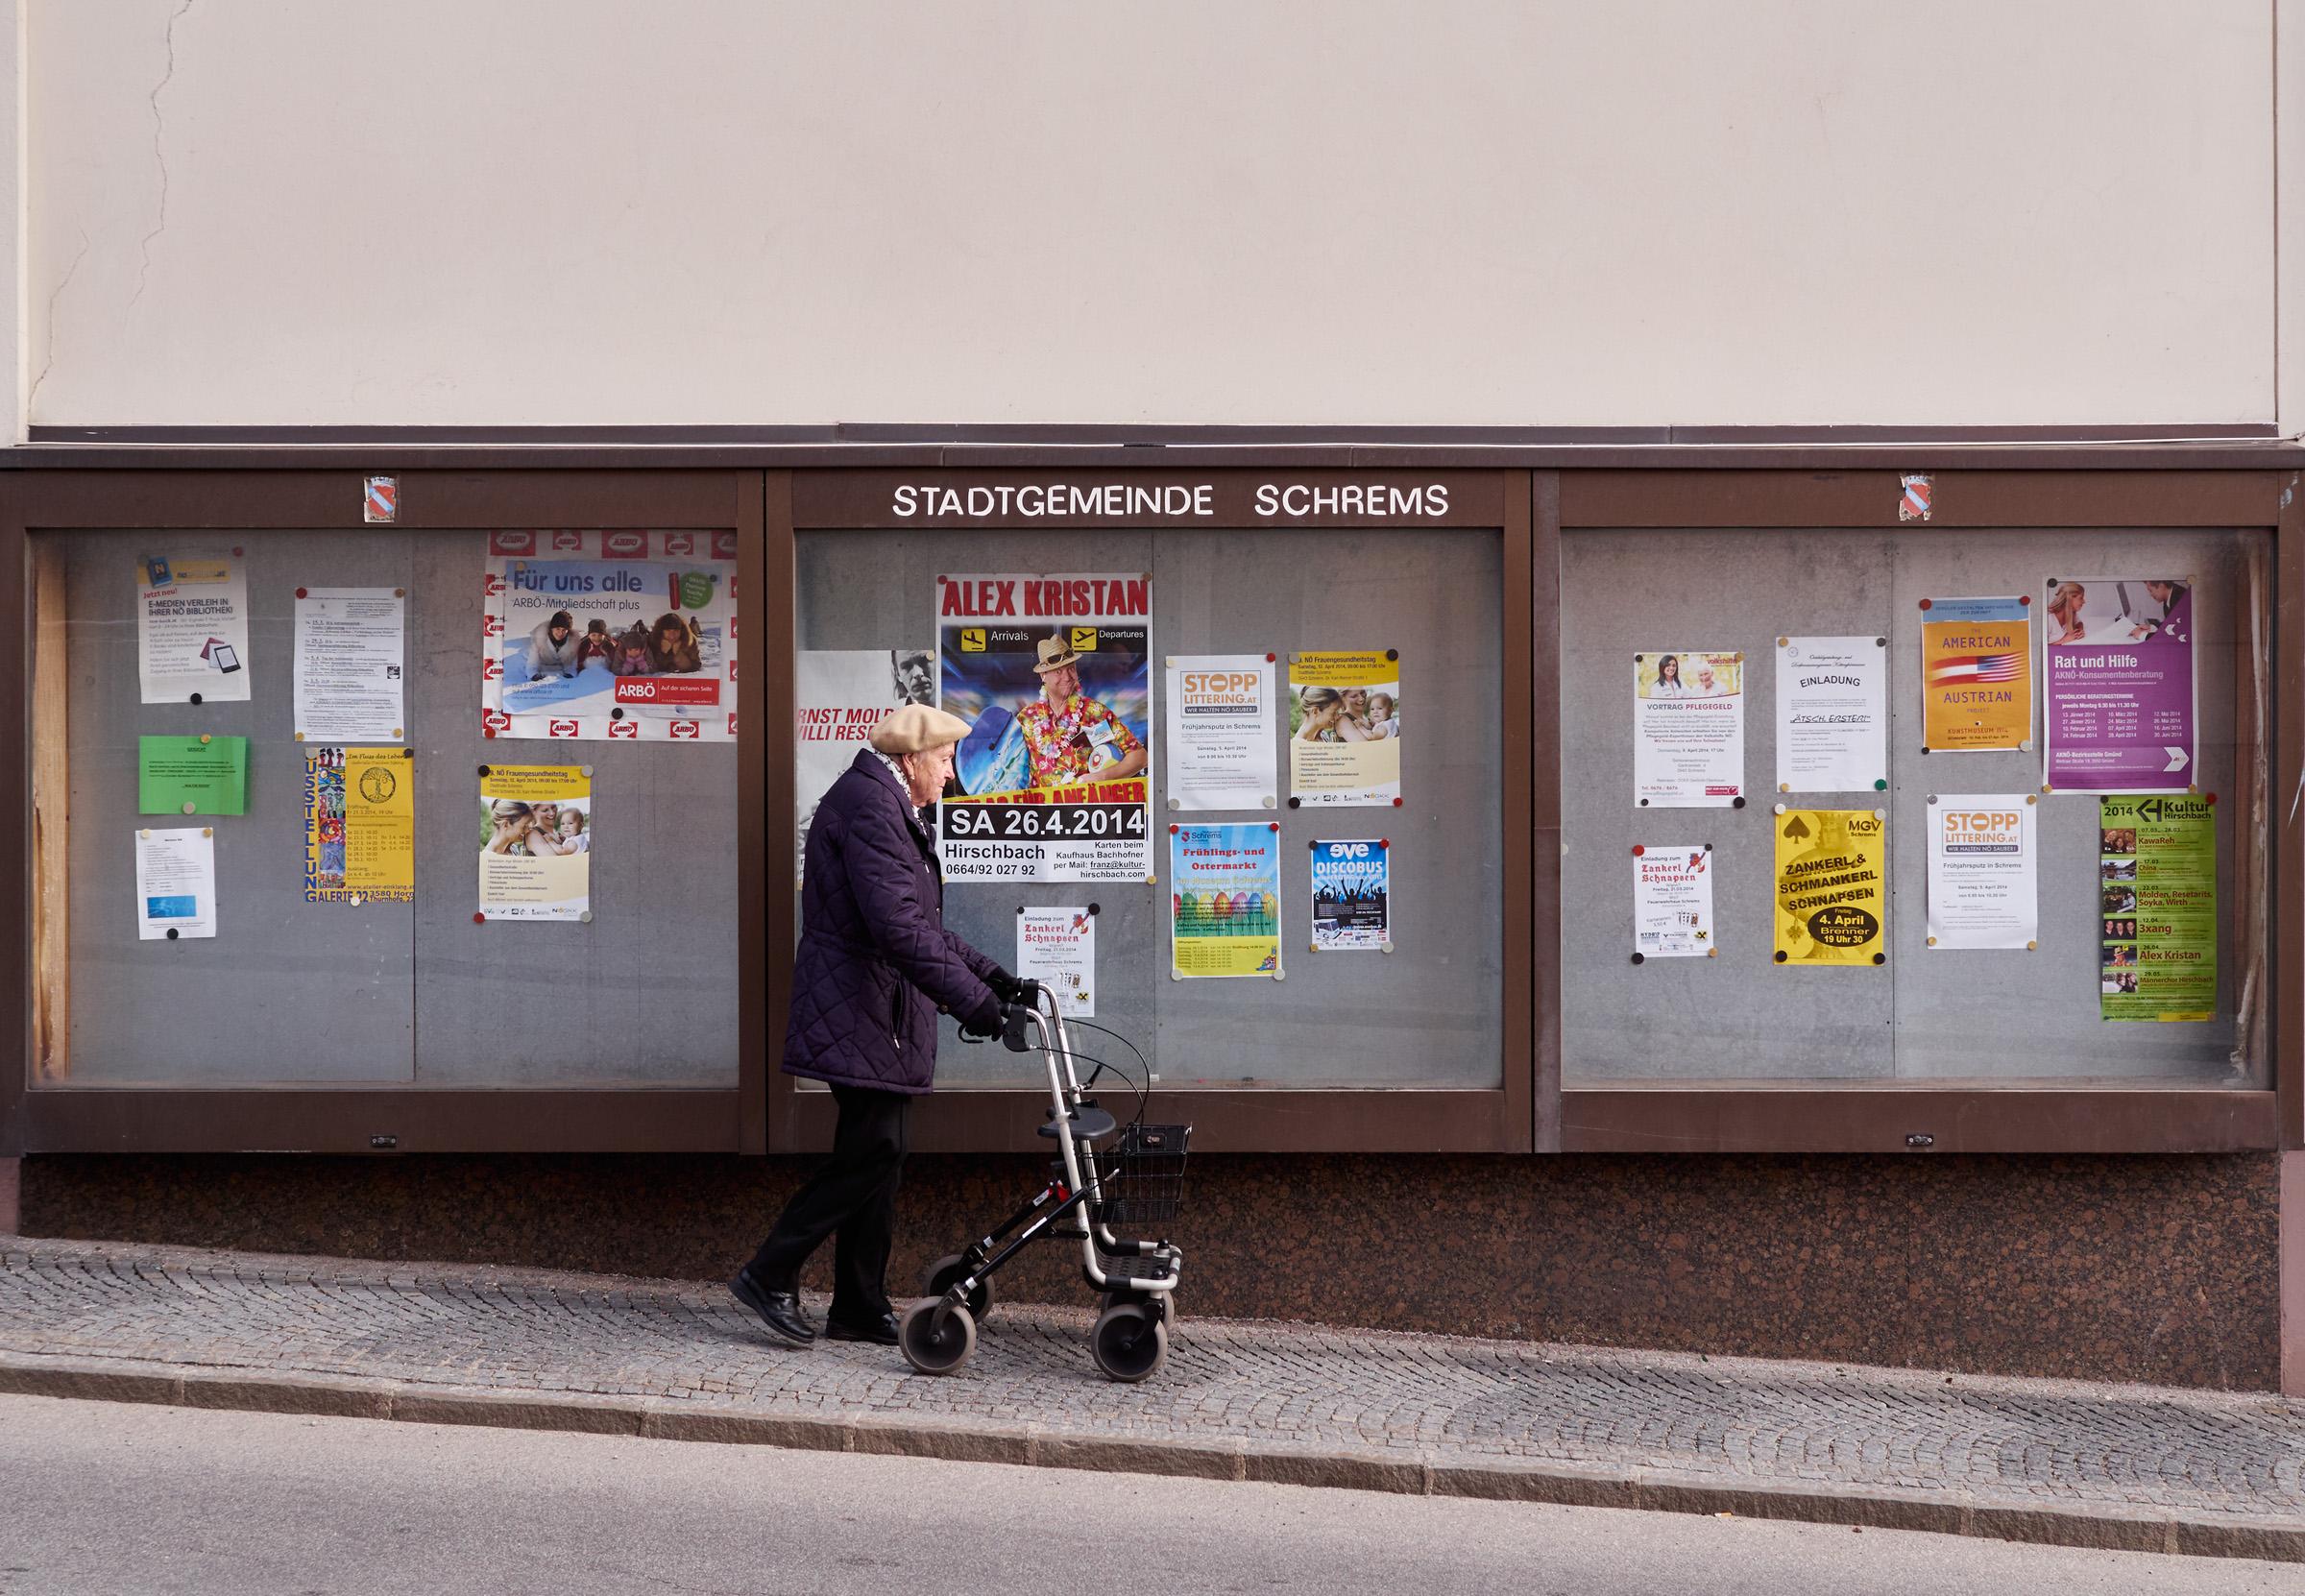 Schrems Josef-Widy-Straße nah 2014-03-18.jpg